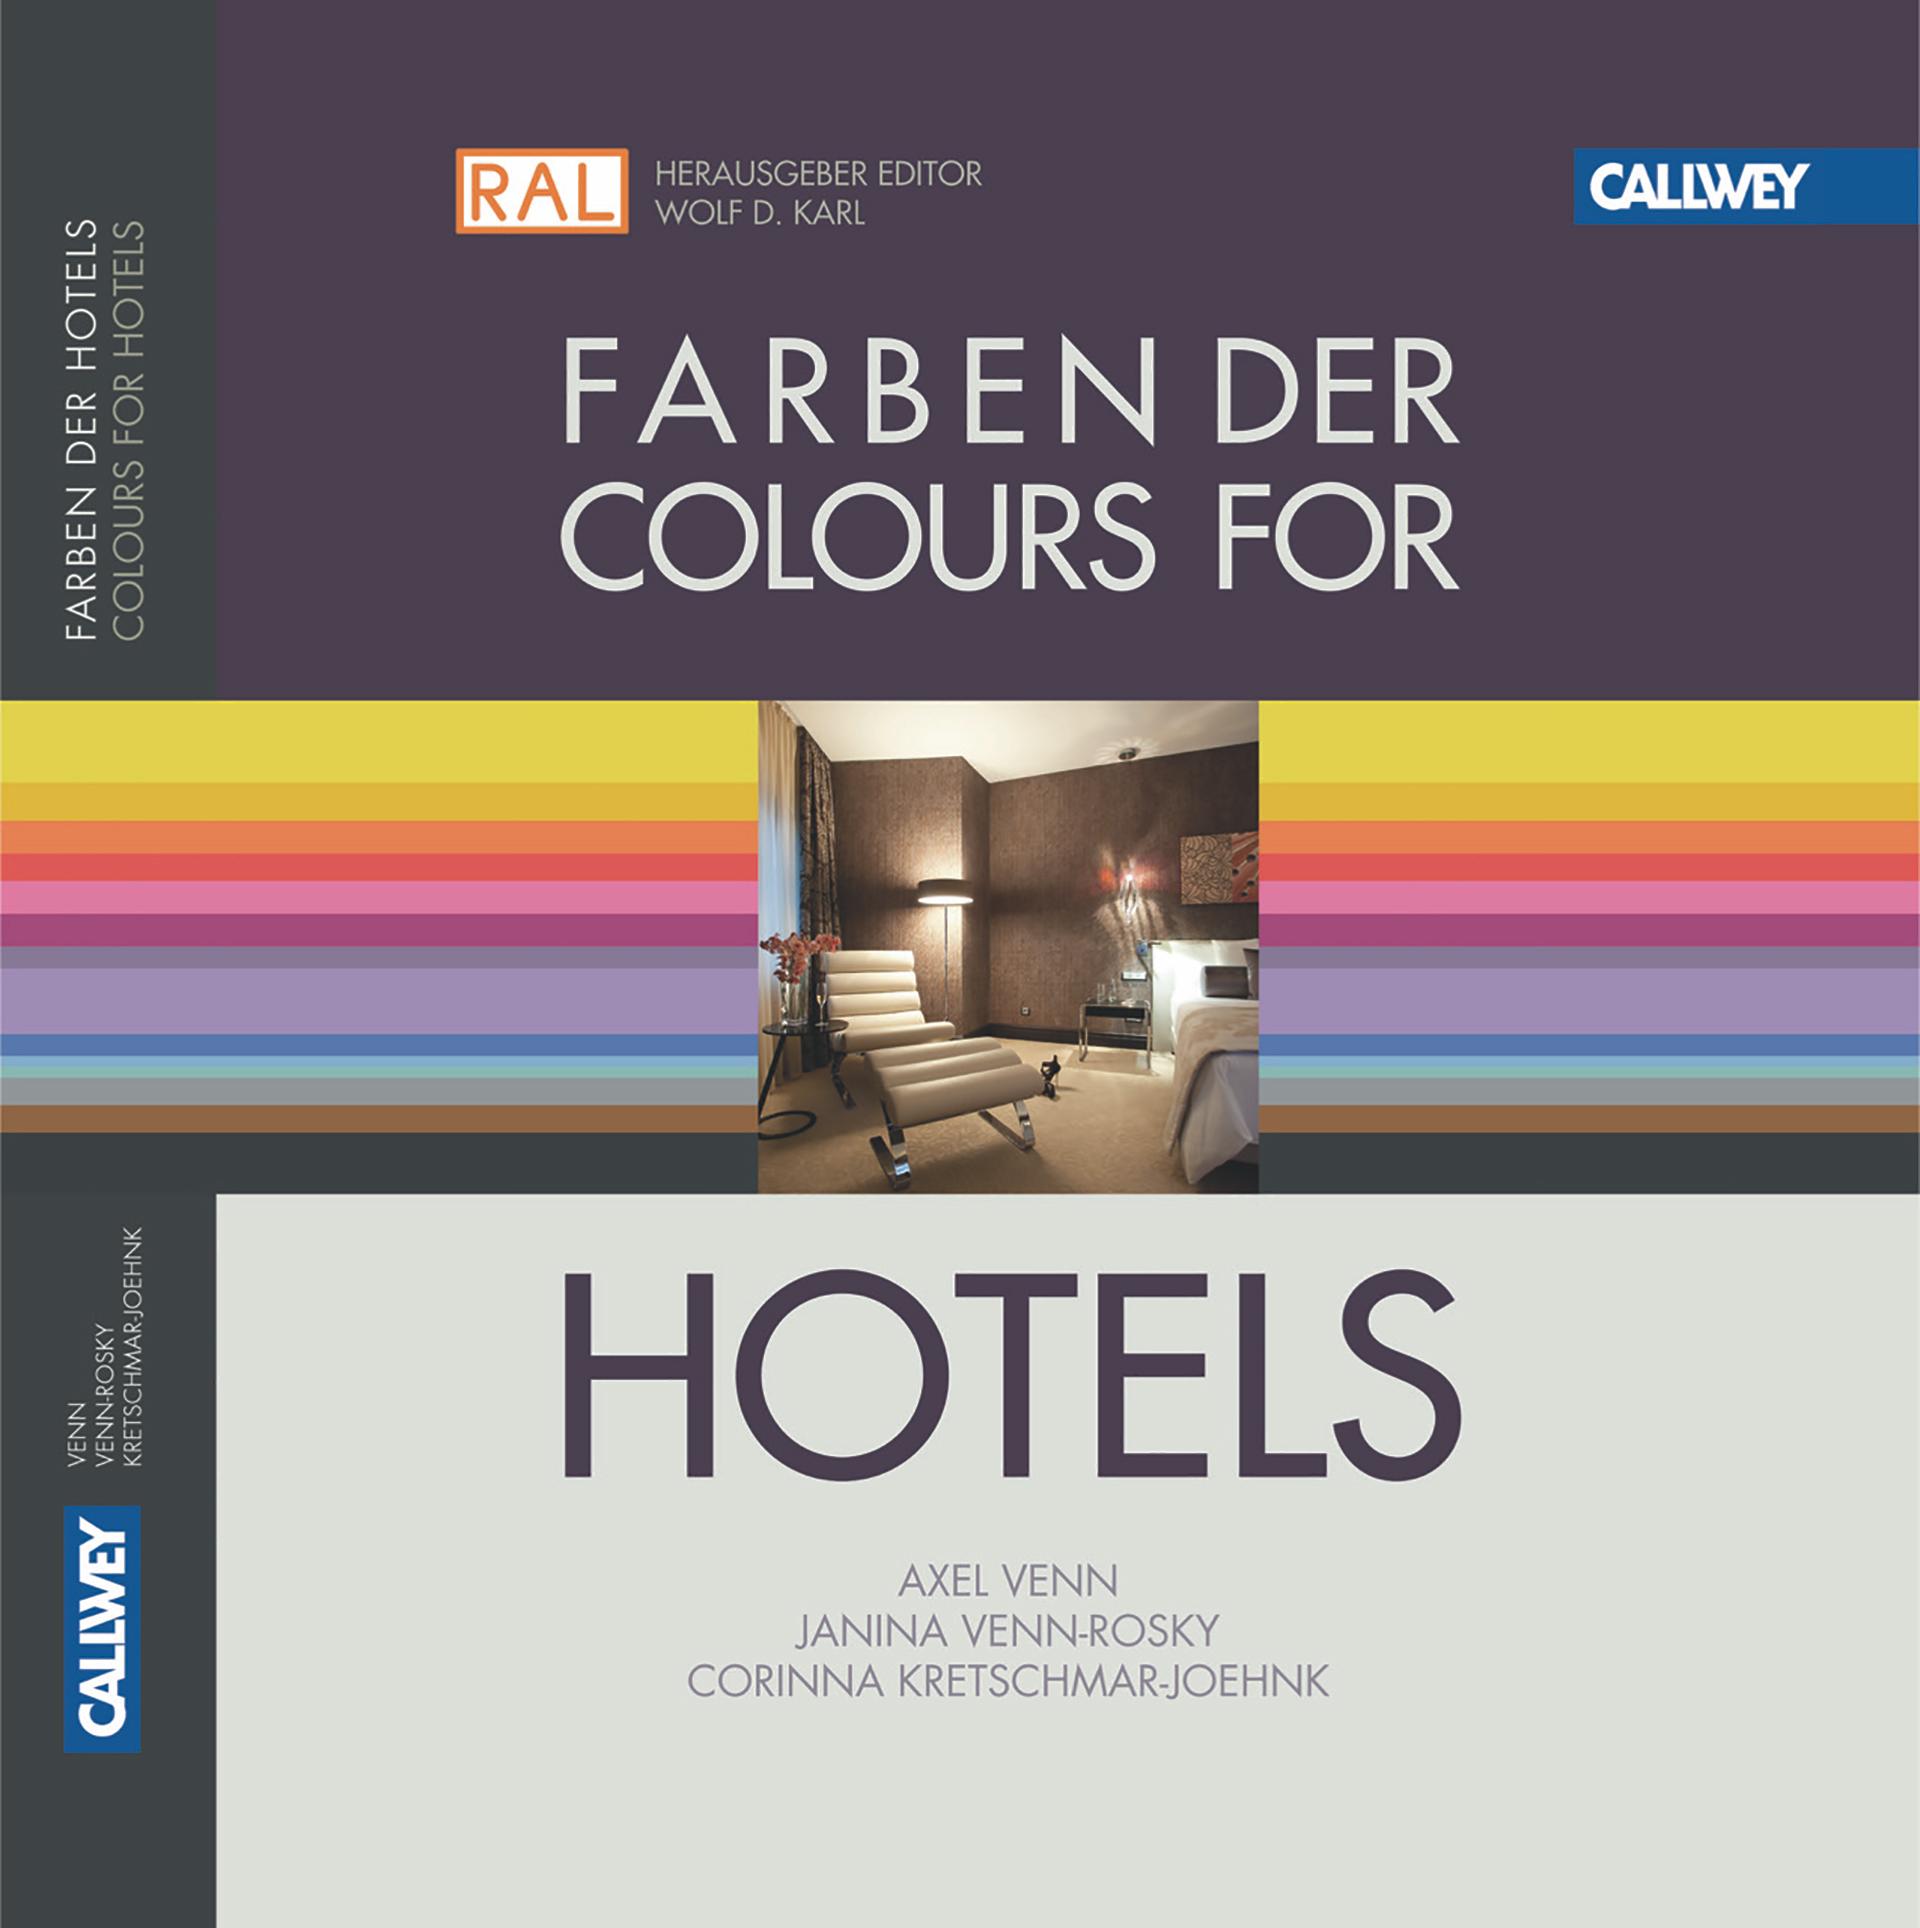 Das Buch Farben der Hotels Corinna Kretschmar-Joehnk von JOI-Design